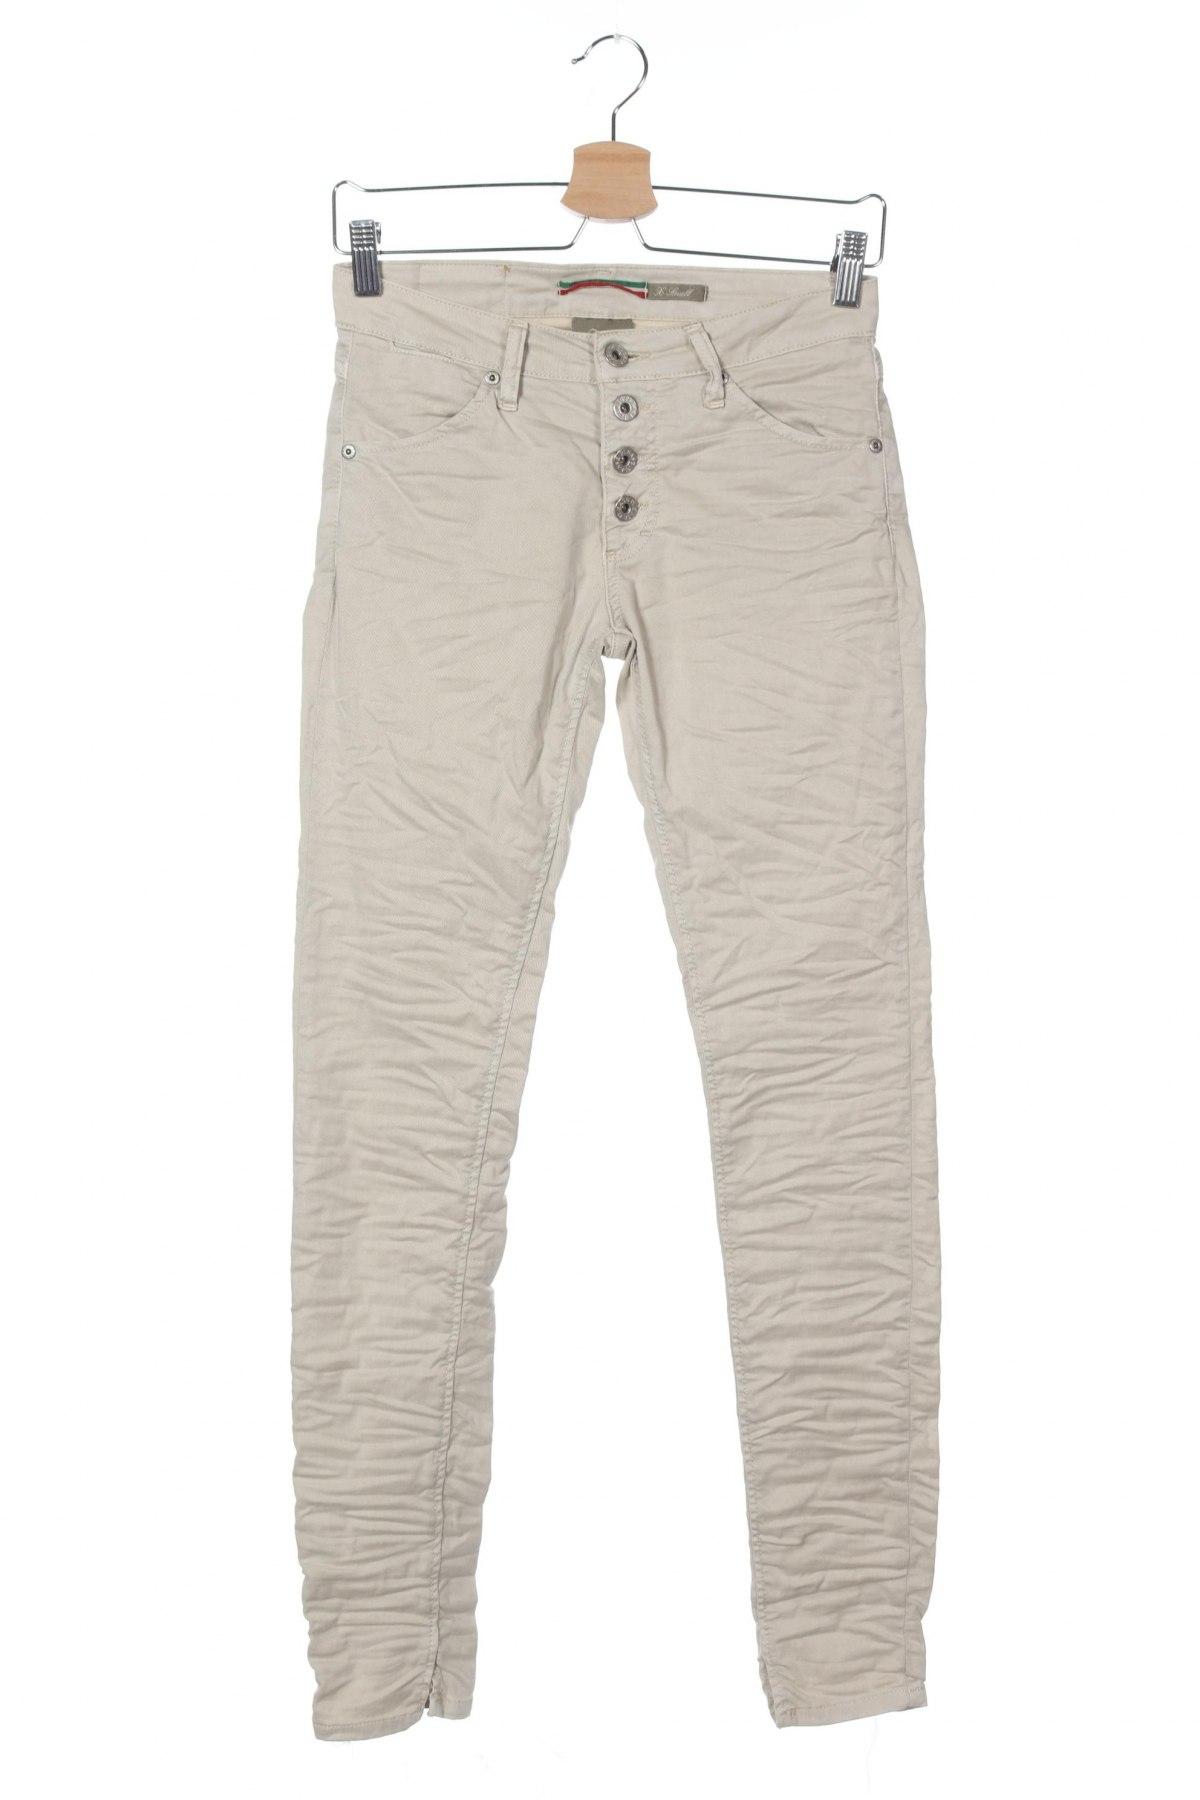 Дамски дънки Please, Размер XS, Цвят Бежов, 98% памук, 2% еластан, Цена 23,85лв.